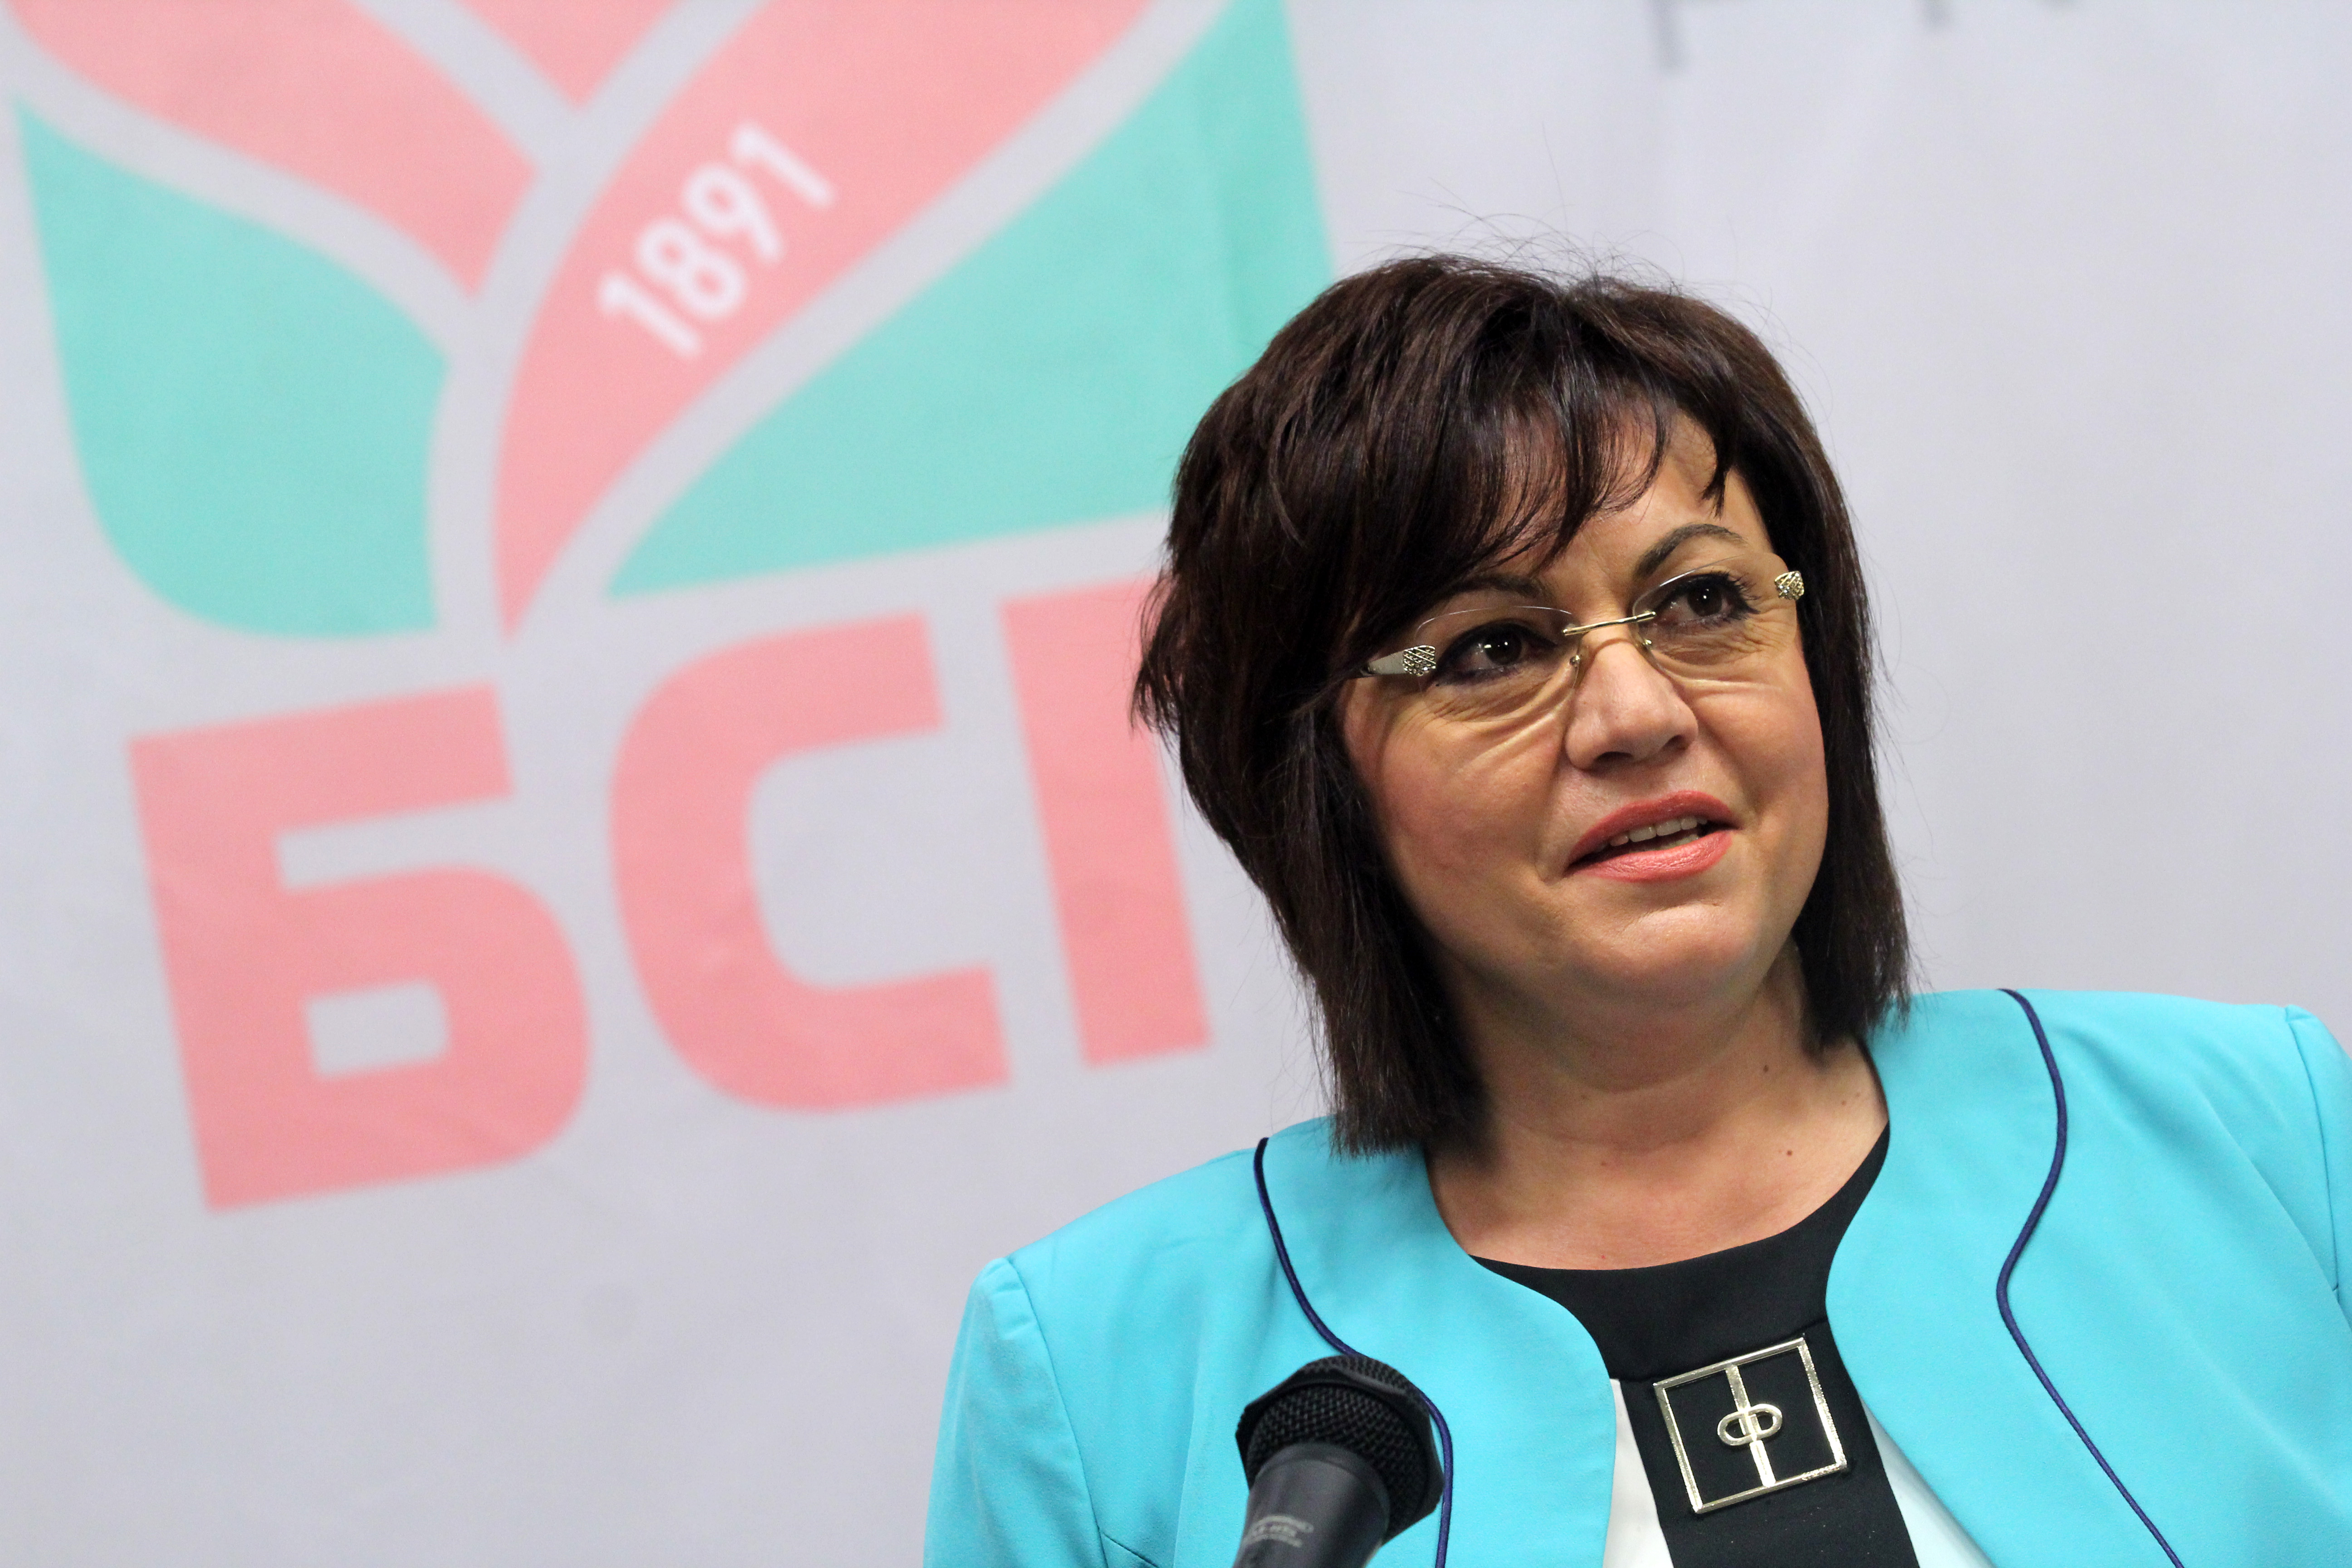 Корнелия Нинова сделала ставку на беспартийного генерала Радева на президентских выборах, и теперь готова вести БСП к победе на досрочных парламентских выборах